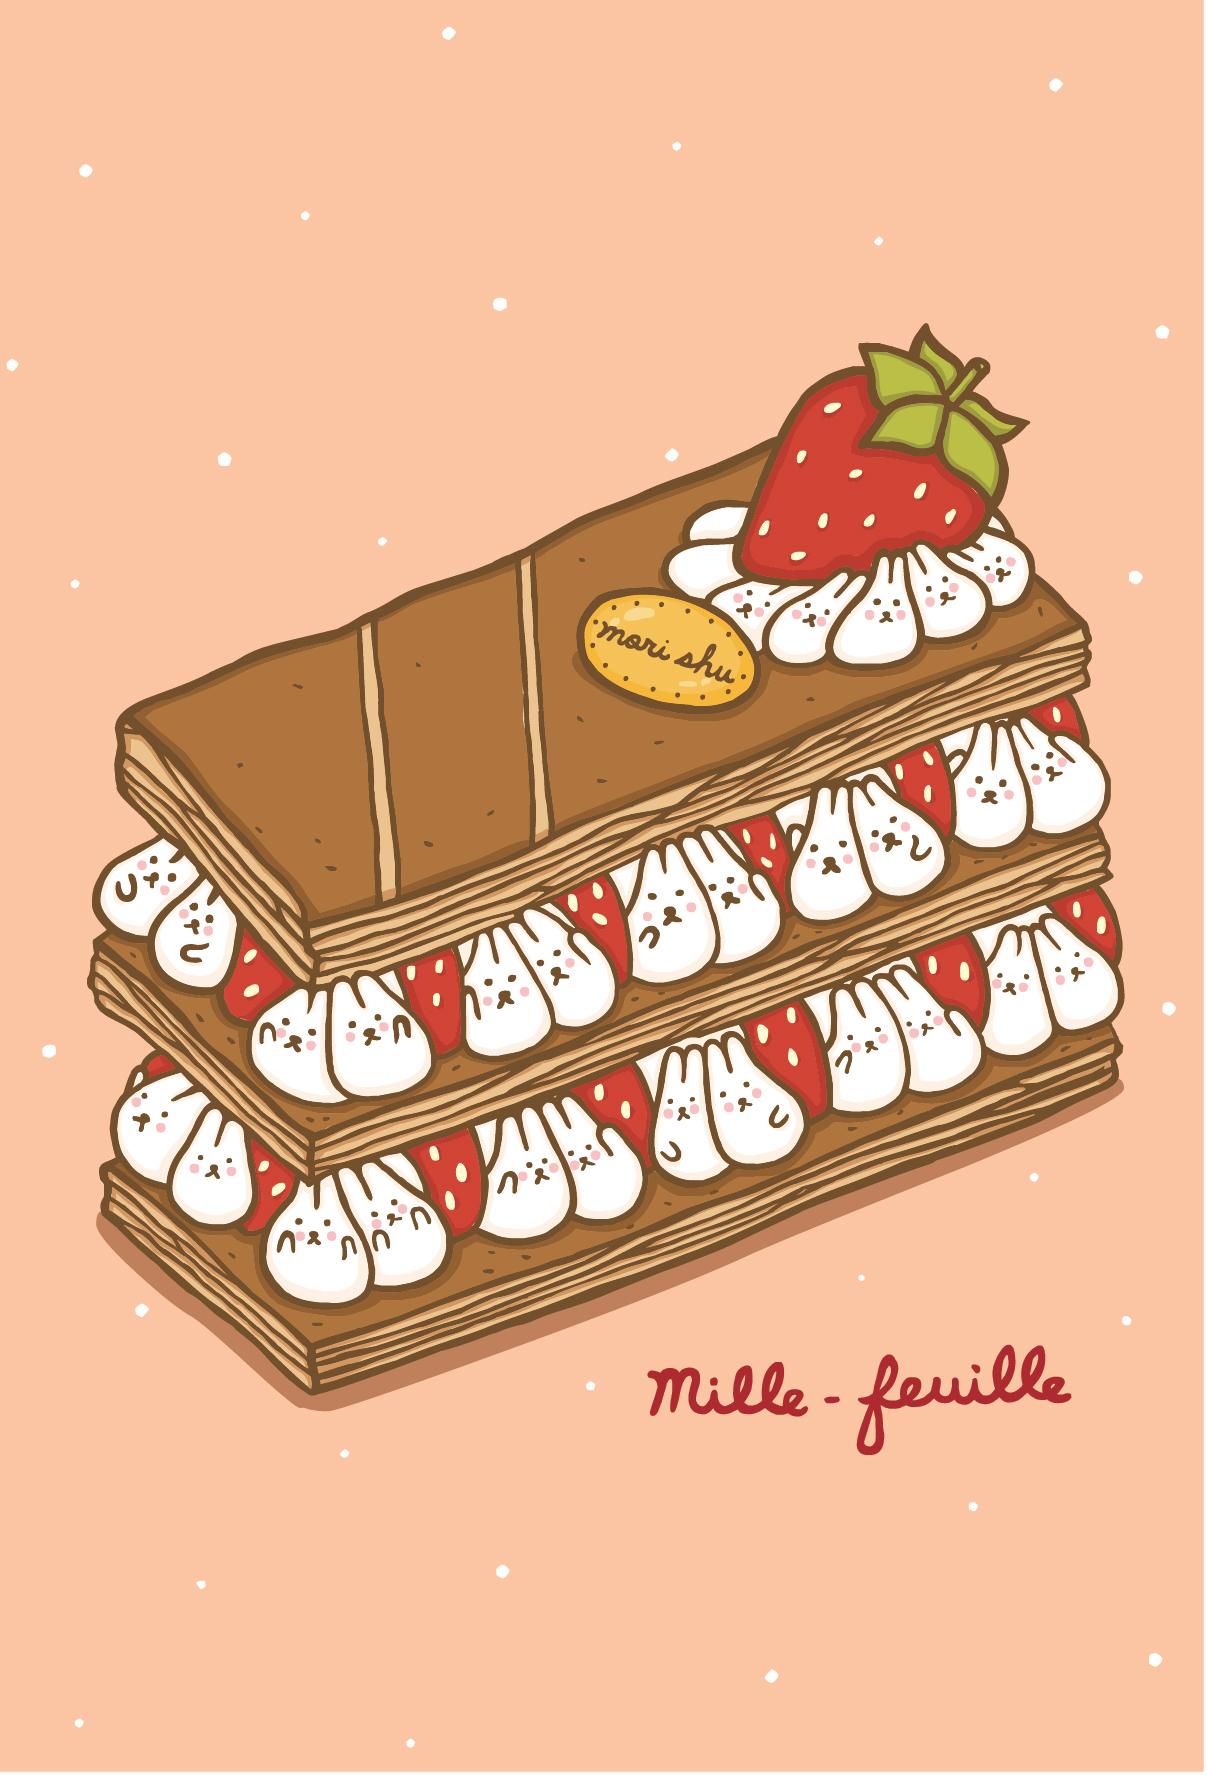 明信片_法式甜點_02-01.jpg